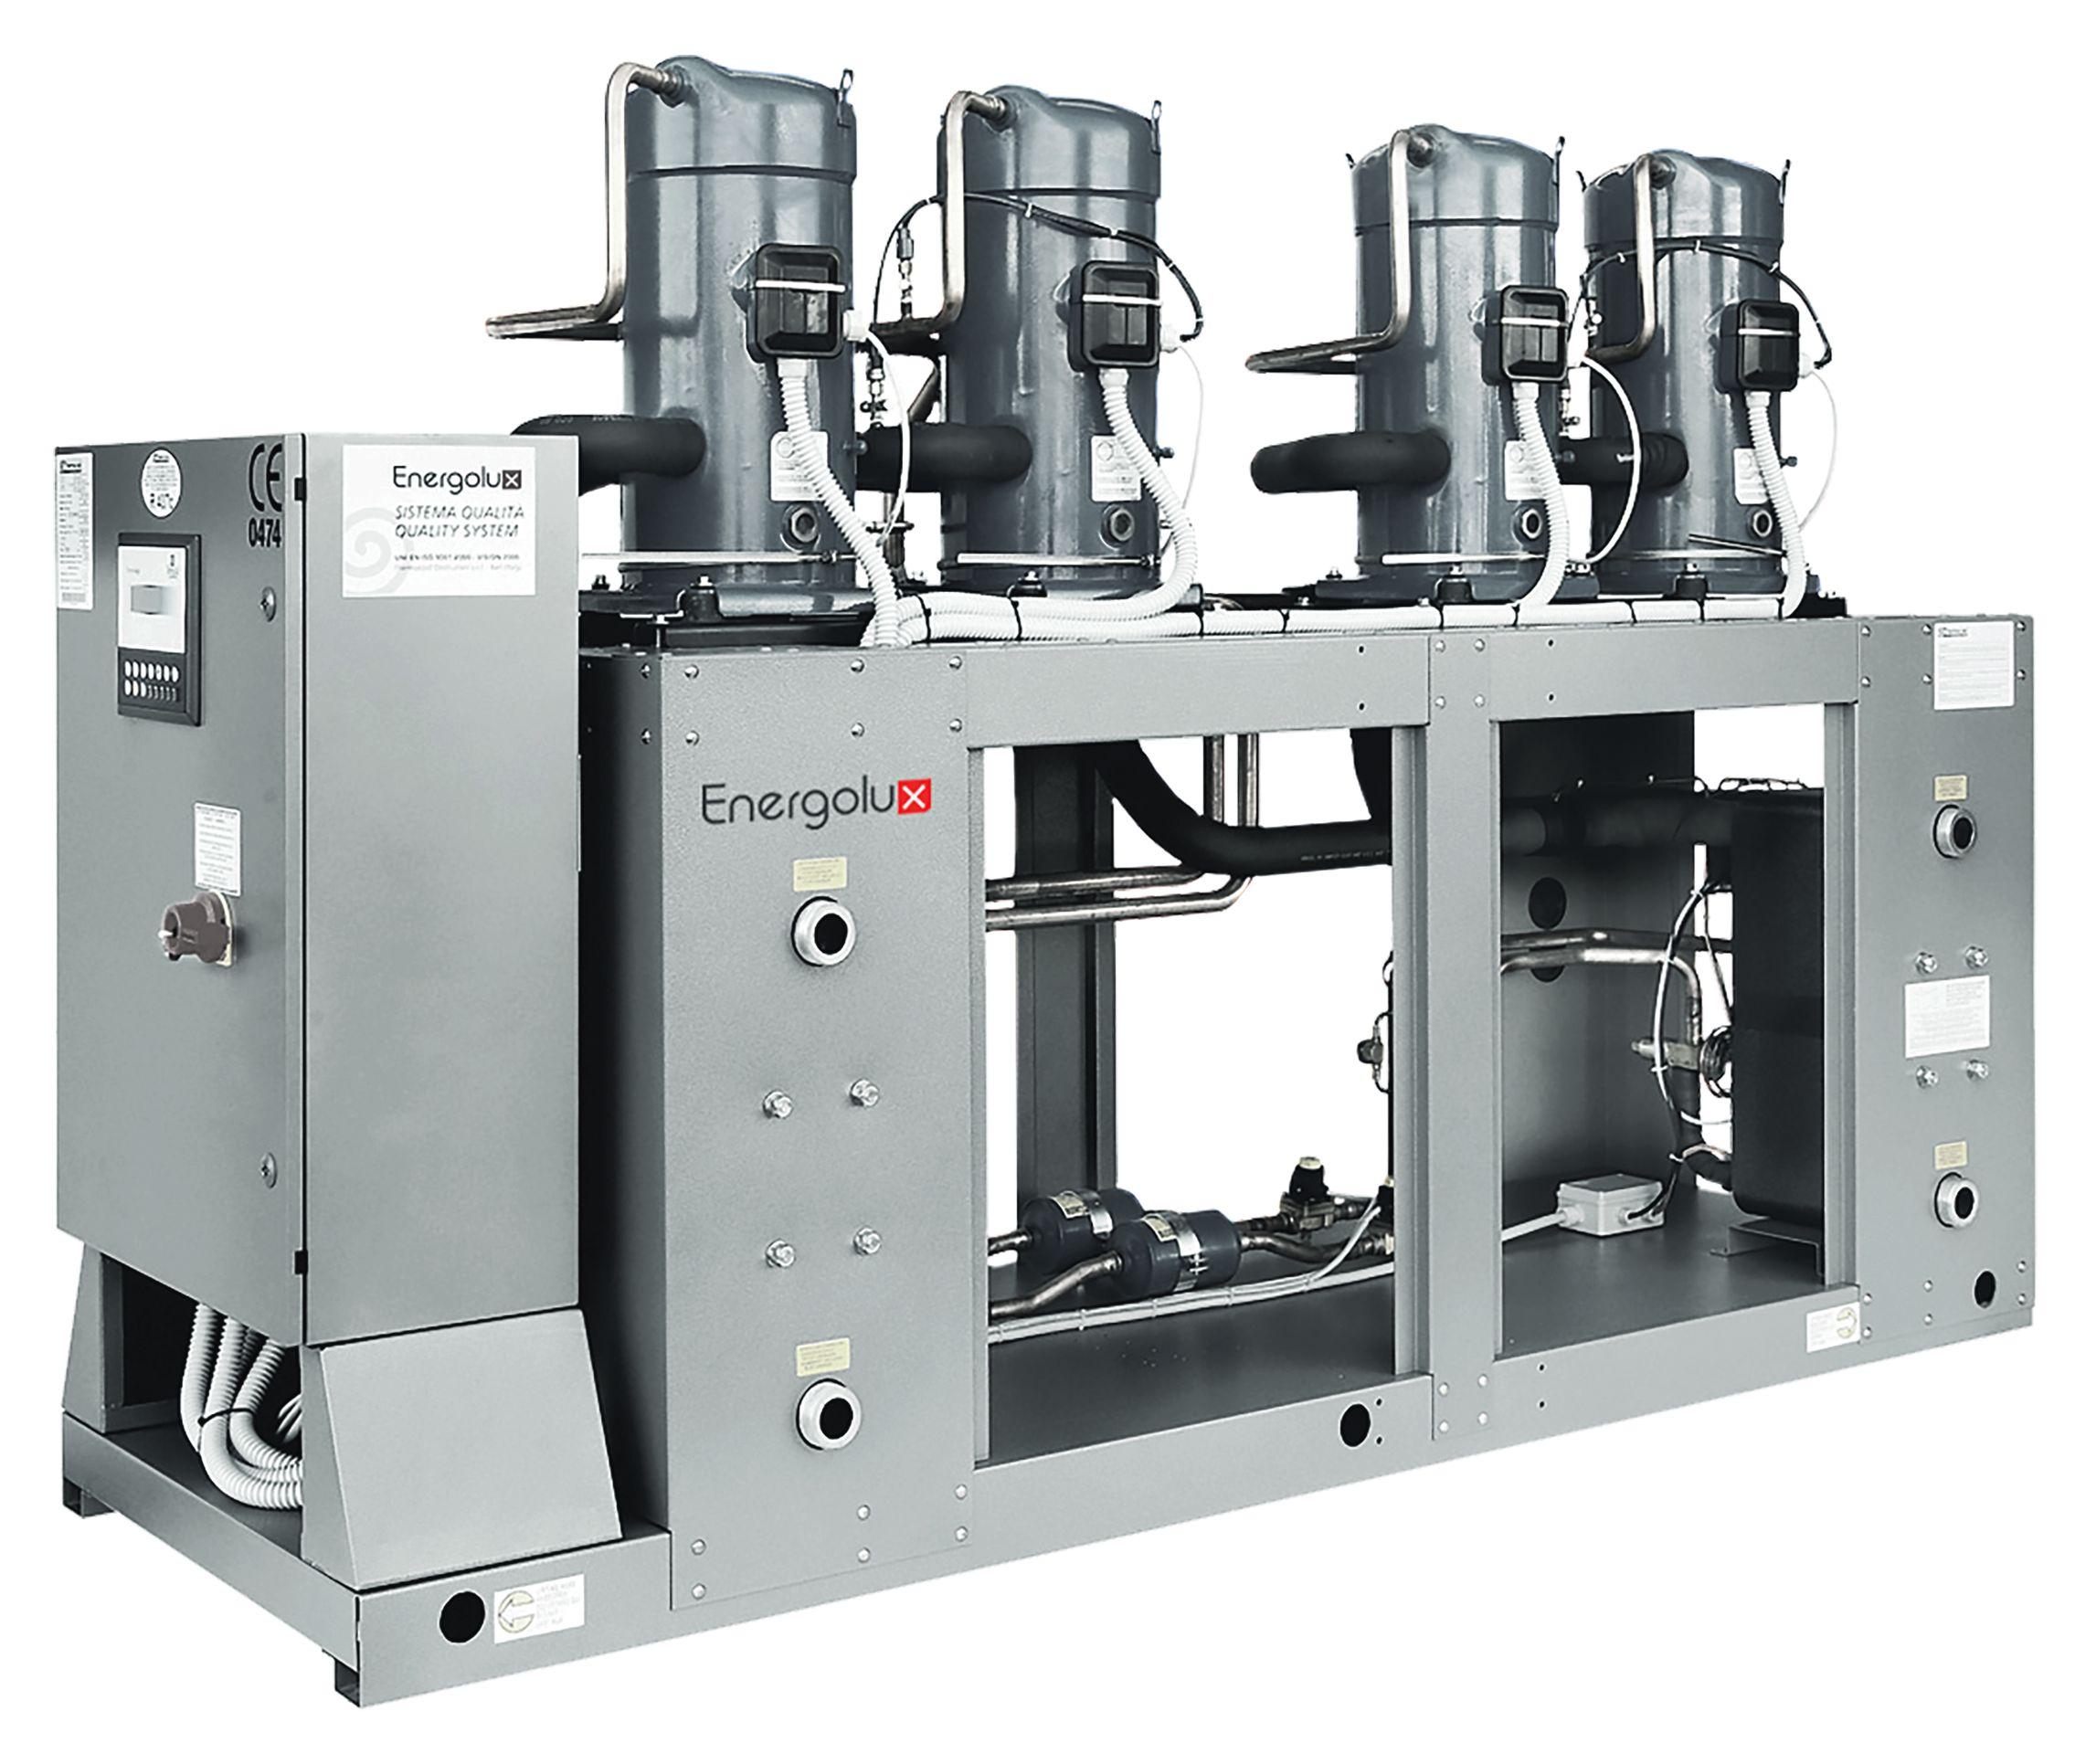 Energolux SCLW-T 1250 Z